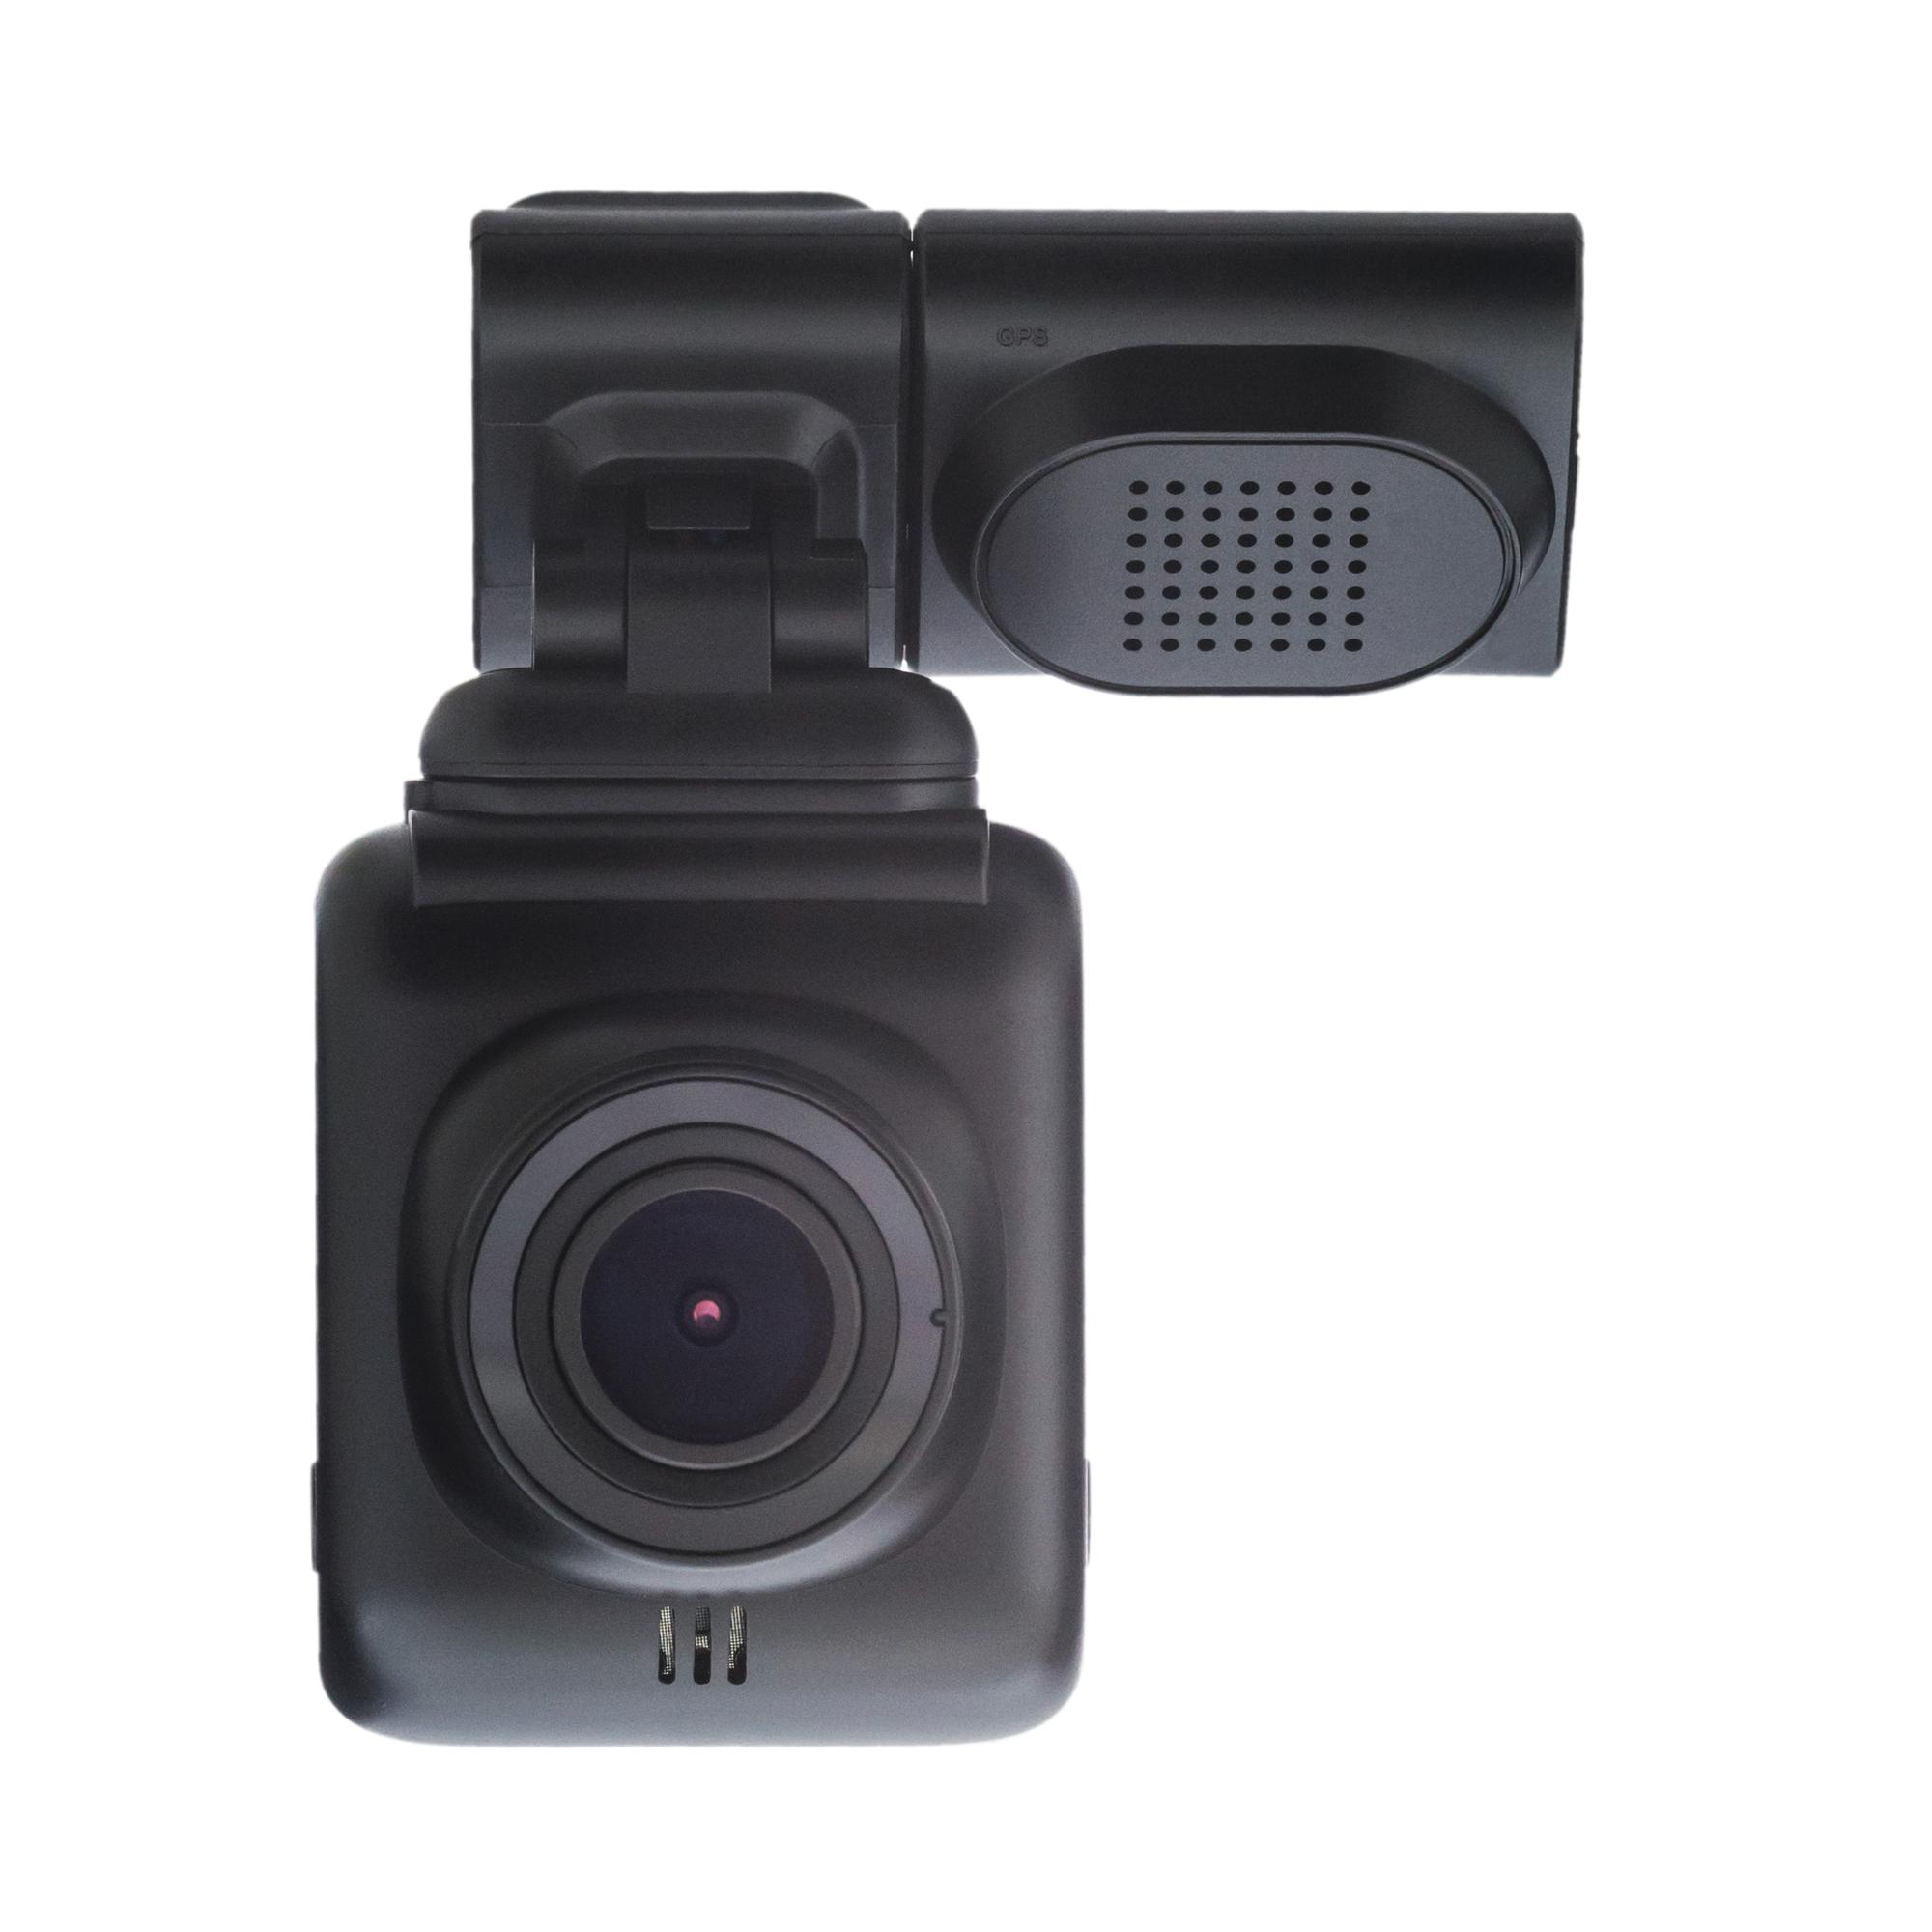 Playme Sigma: функциональный и доступный видеорегистратор